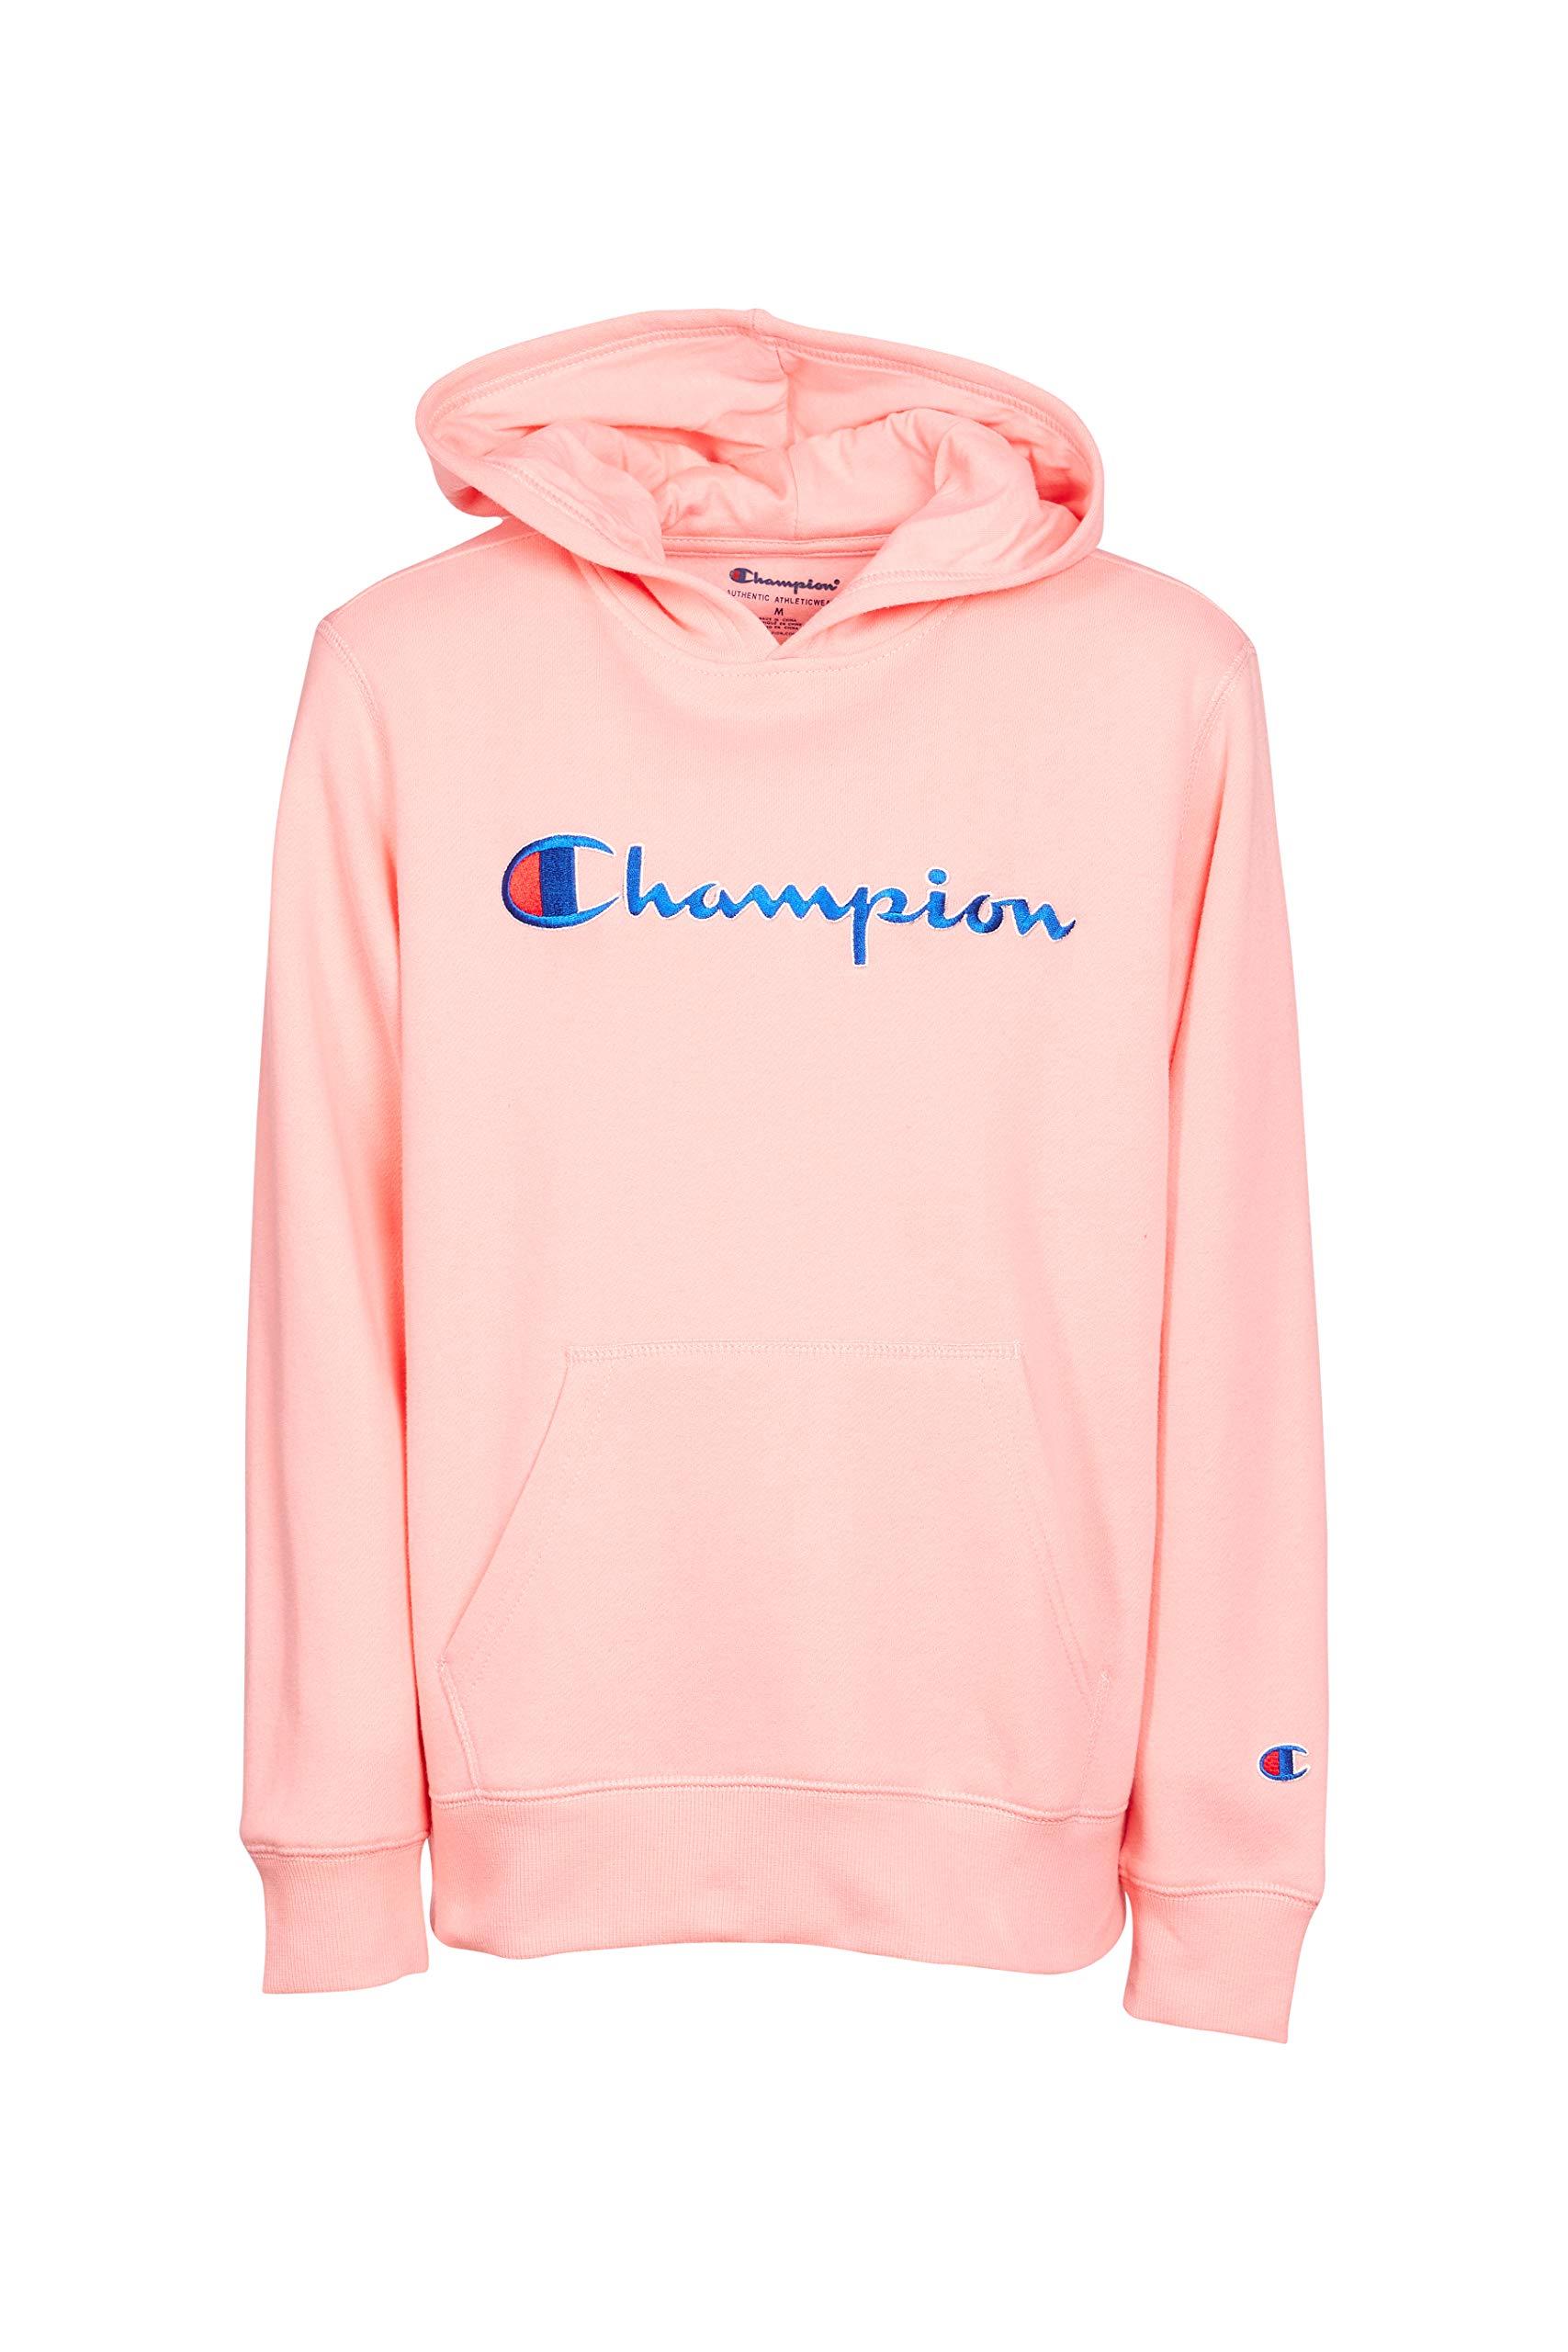 Champion Youth Heritage Fleece Sweatshirt Big and Little Girls